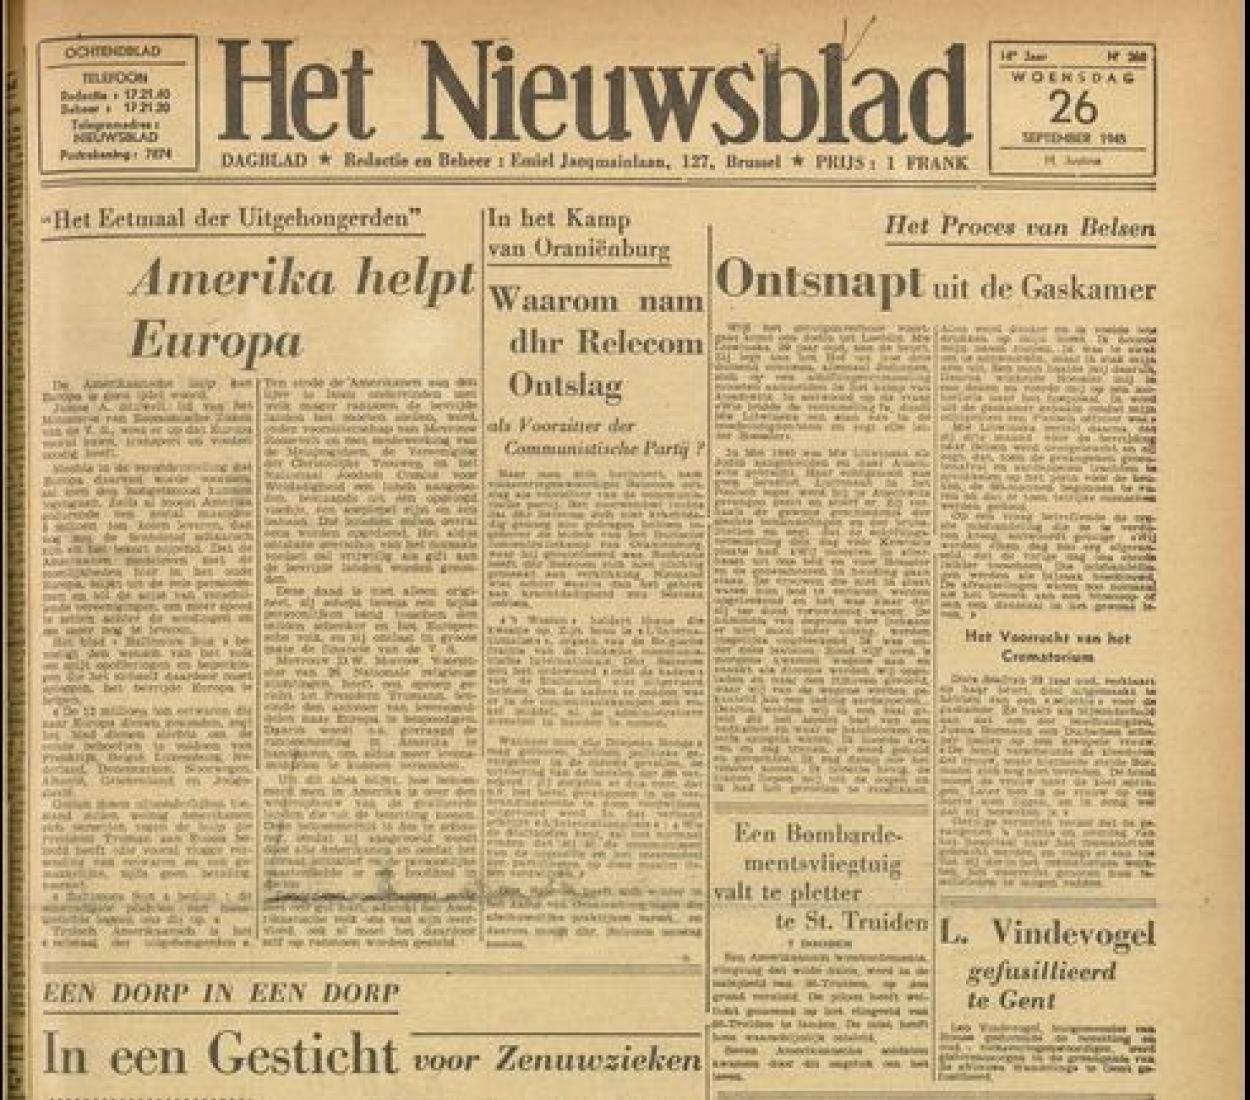 nieuwsblad-26-9-1945-1.jpg